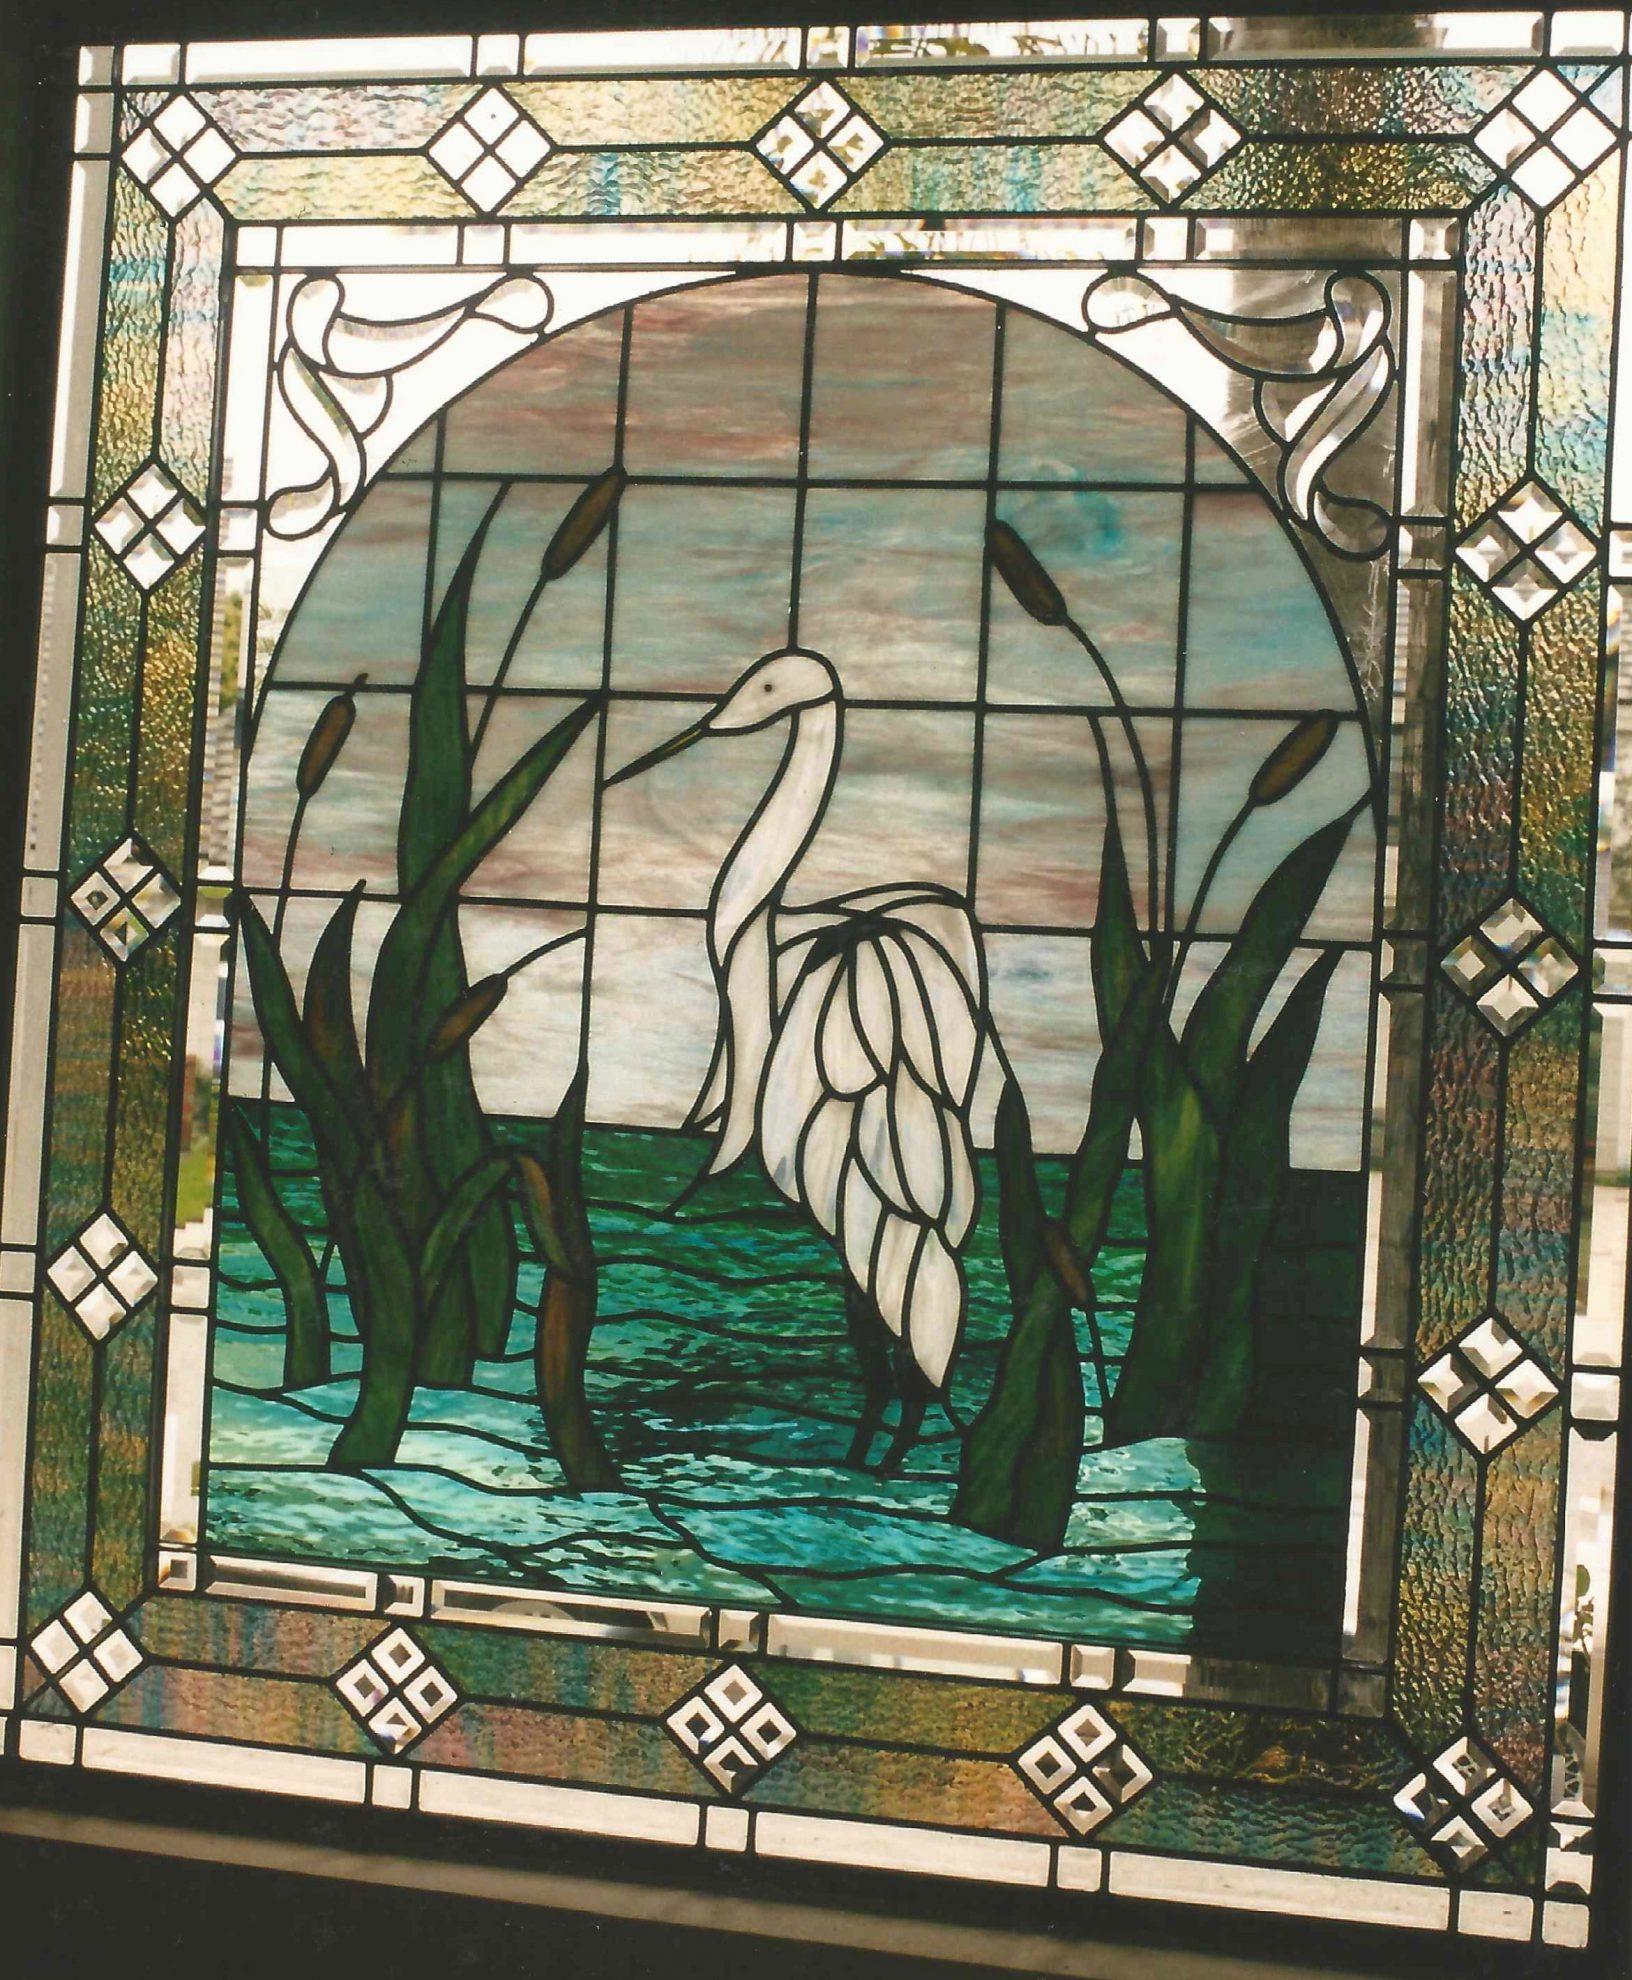 5.heron.reeds